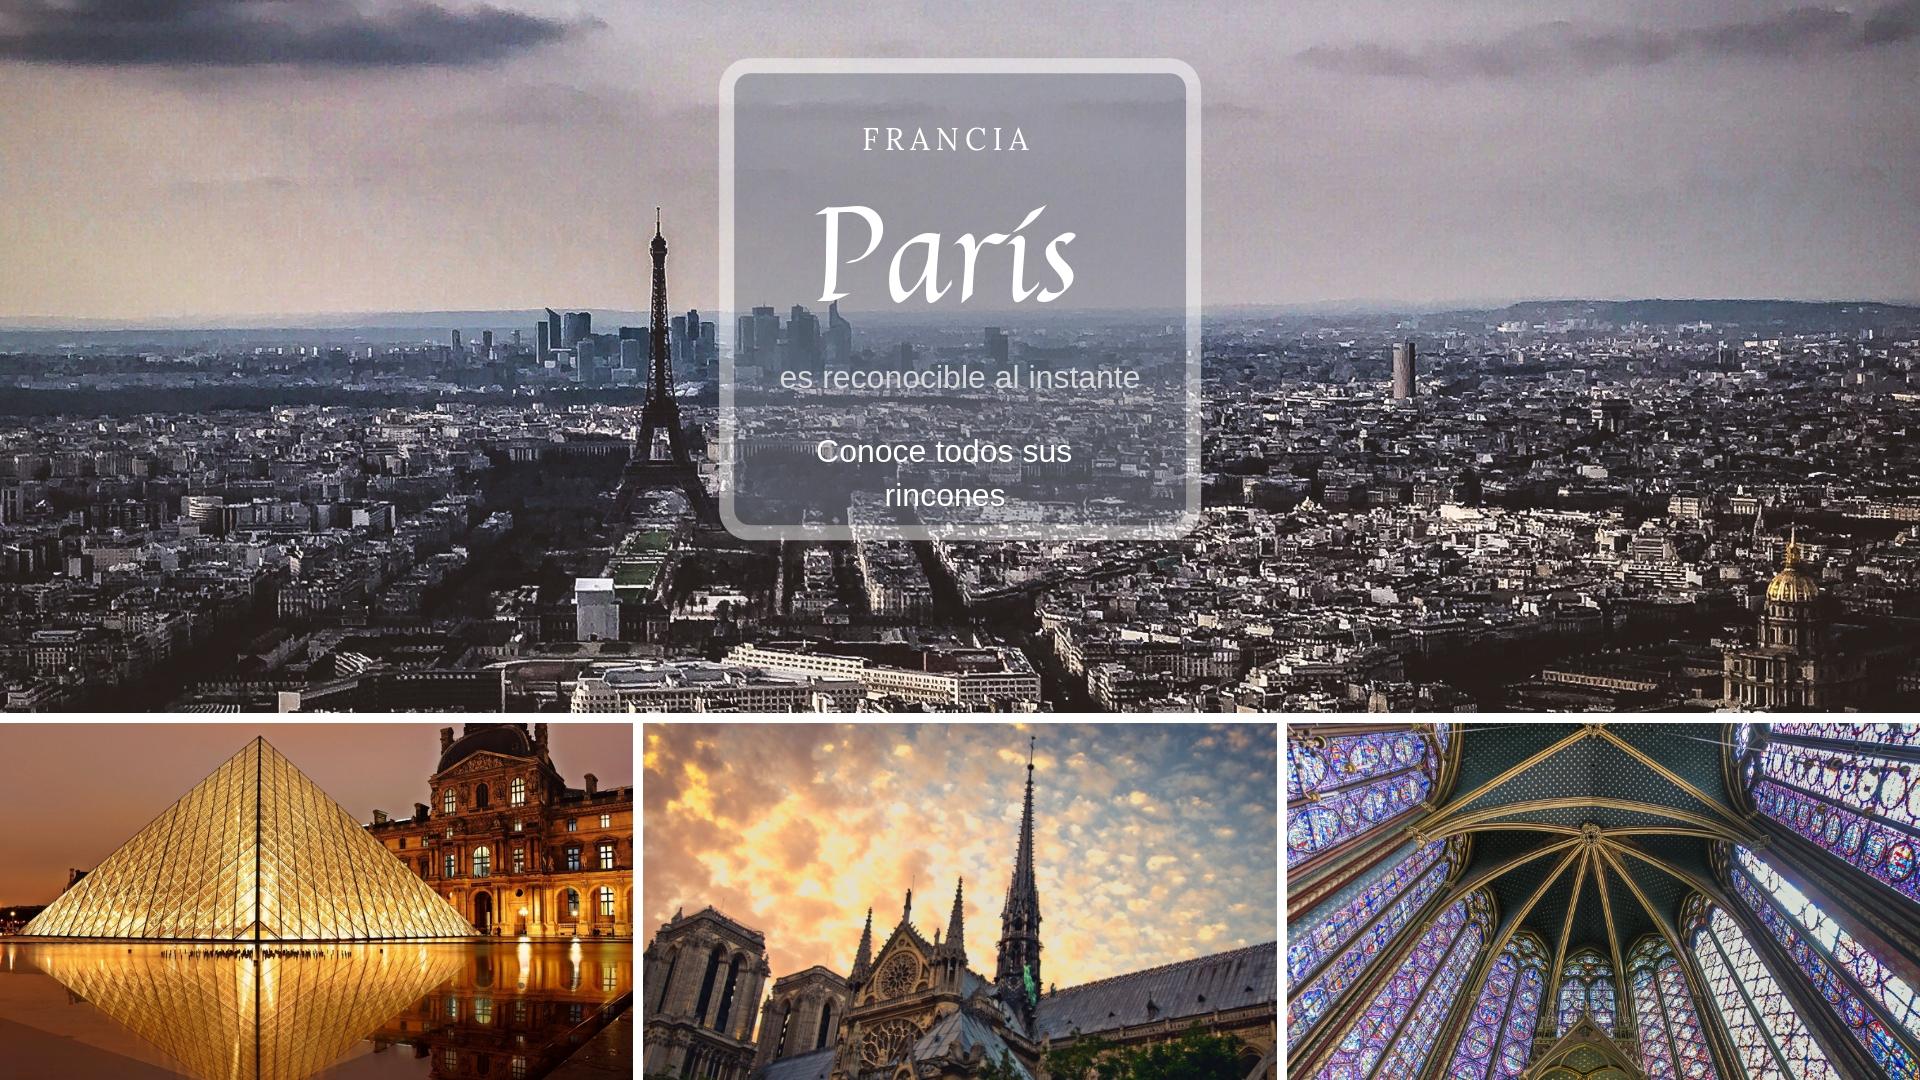 París, la ciudad de la luz (Francia)